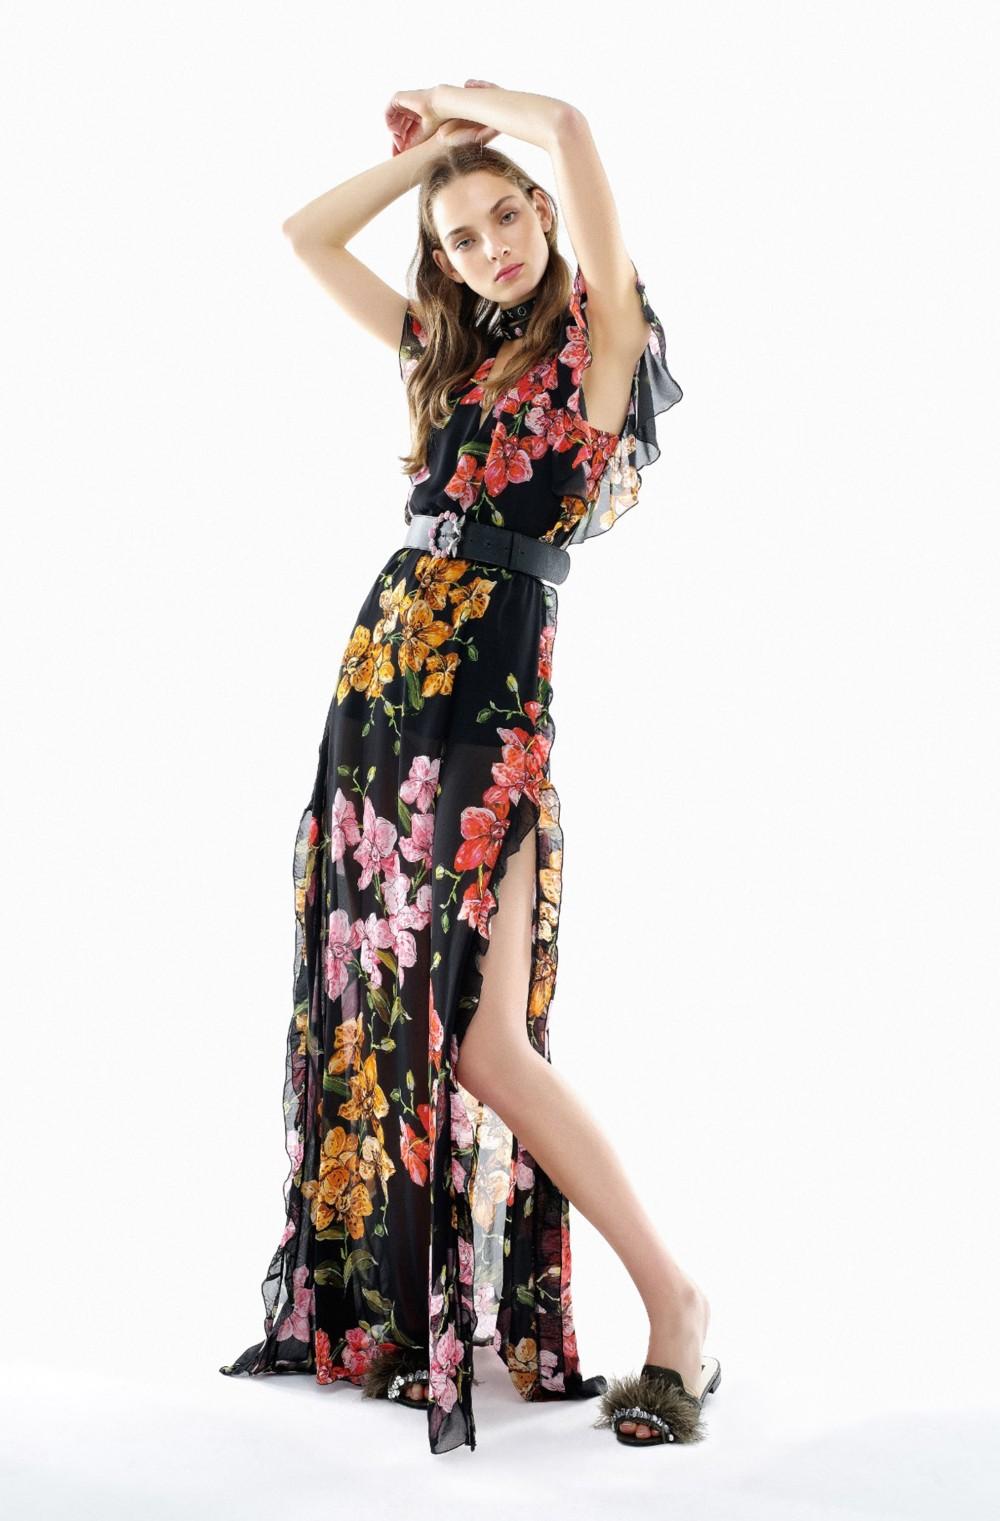 Collezione Pinko primavera estate 2018, abbigliamento ed accessori